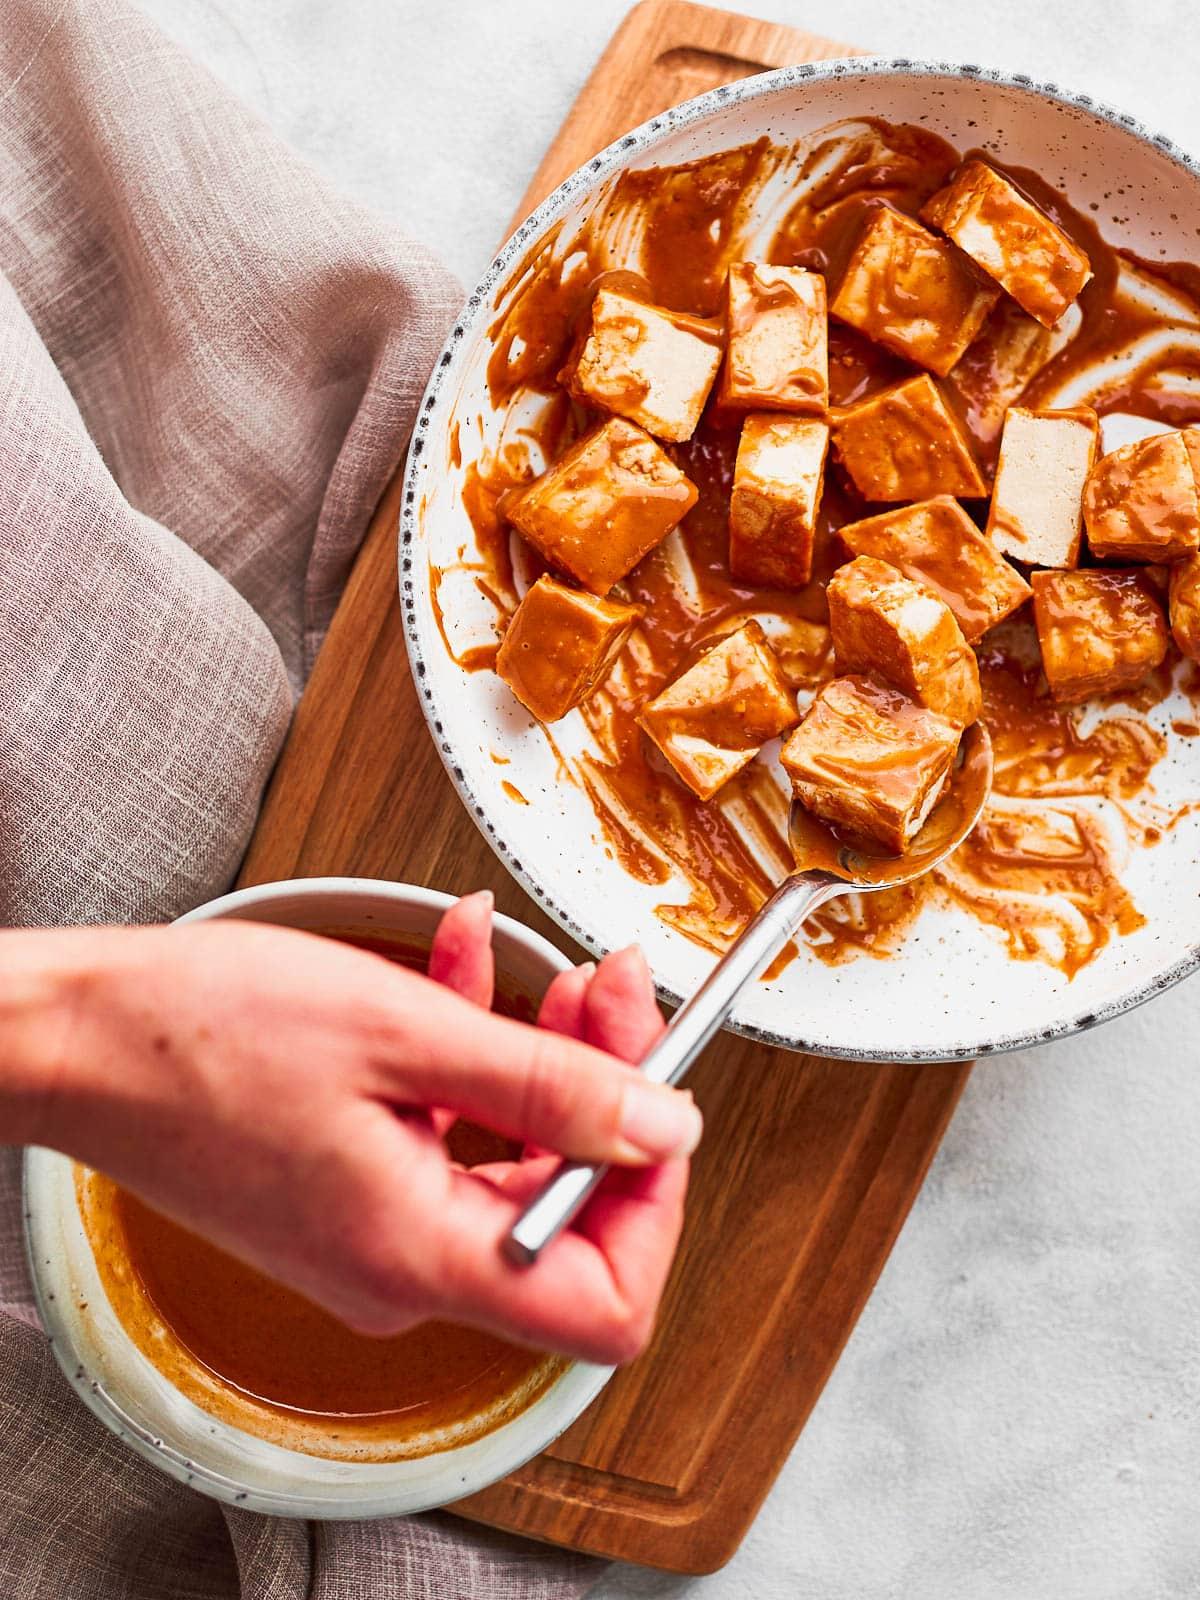 mixing the sauce through the tofu